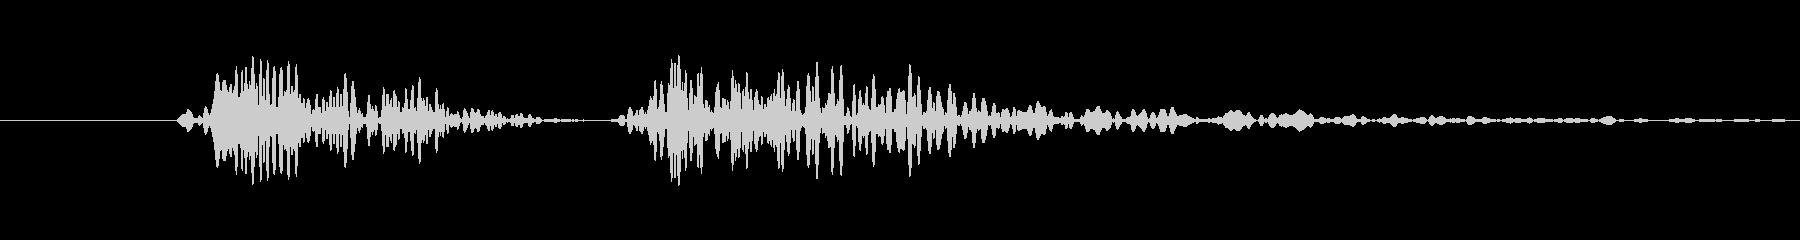 ボタンクリック向け電子音(カコッ)の未再生の波形